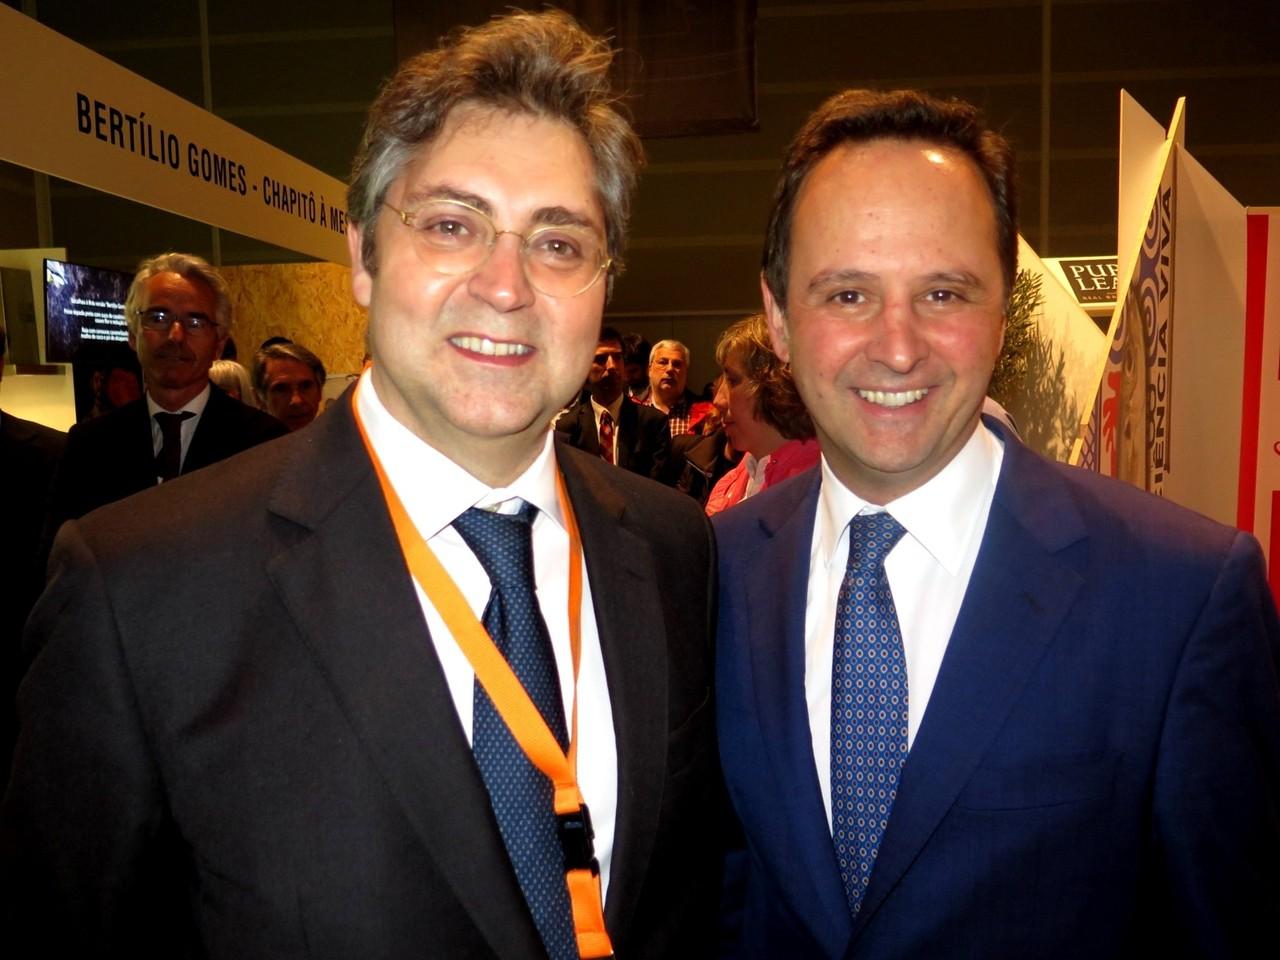 Duarte Calvão (Diretor do Peixe em Lisboa) e Fernando Medina (Presidente da Câmara Municipal de Lisboa)